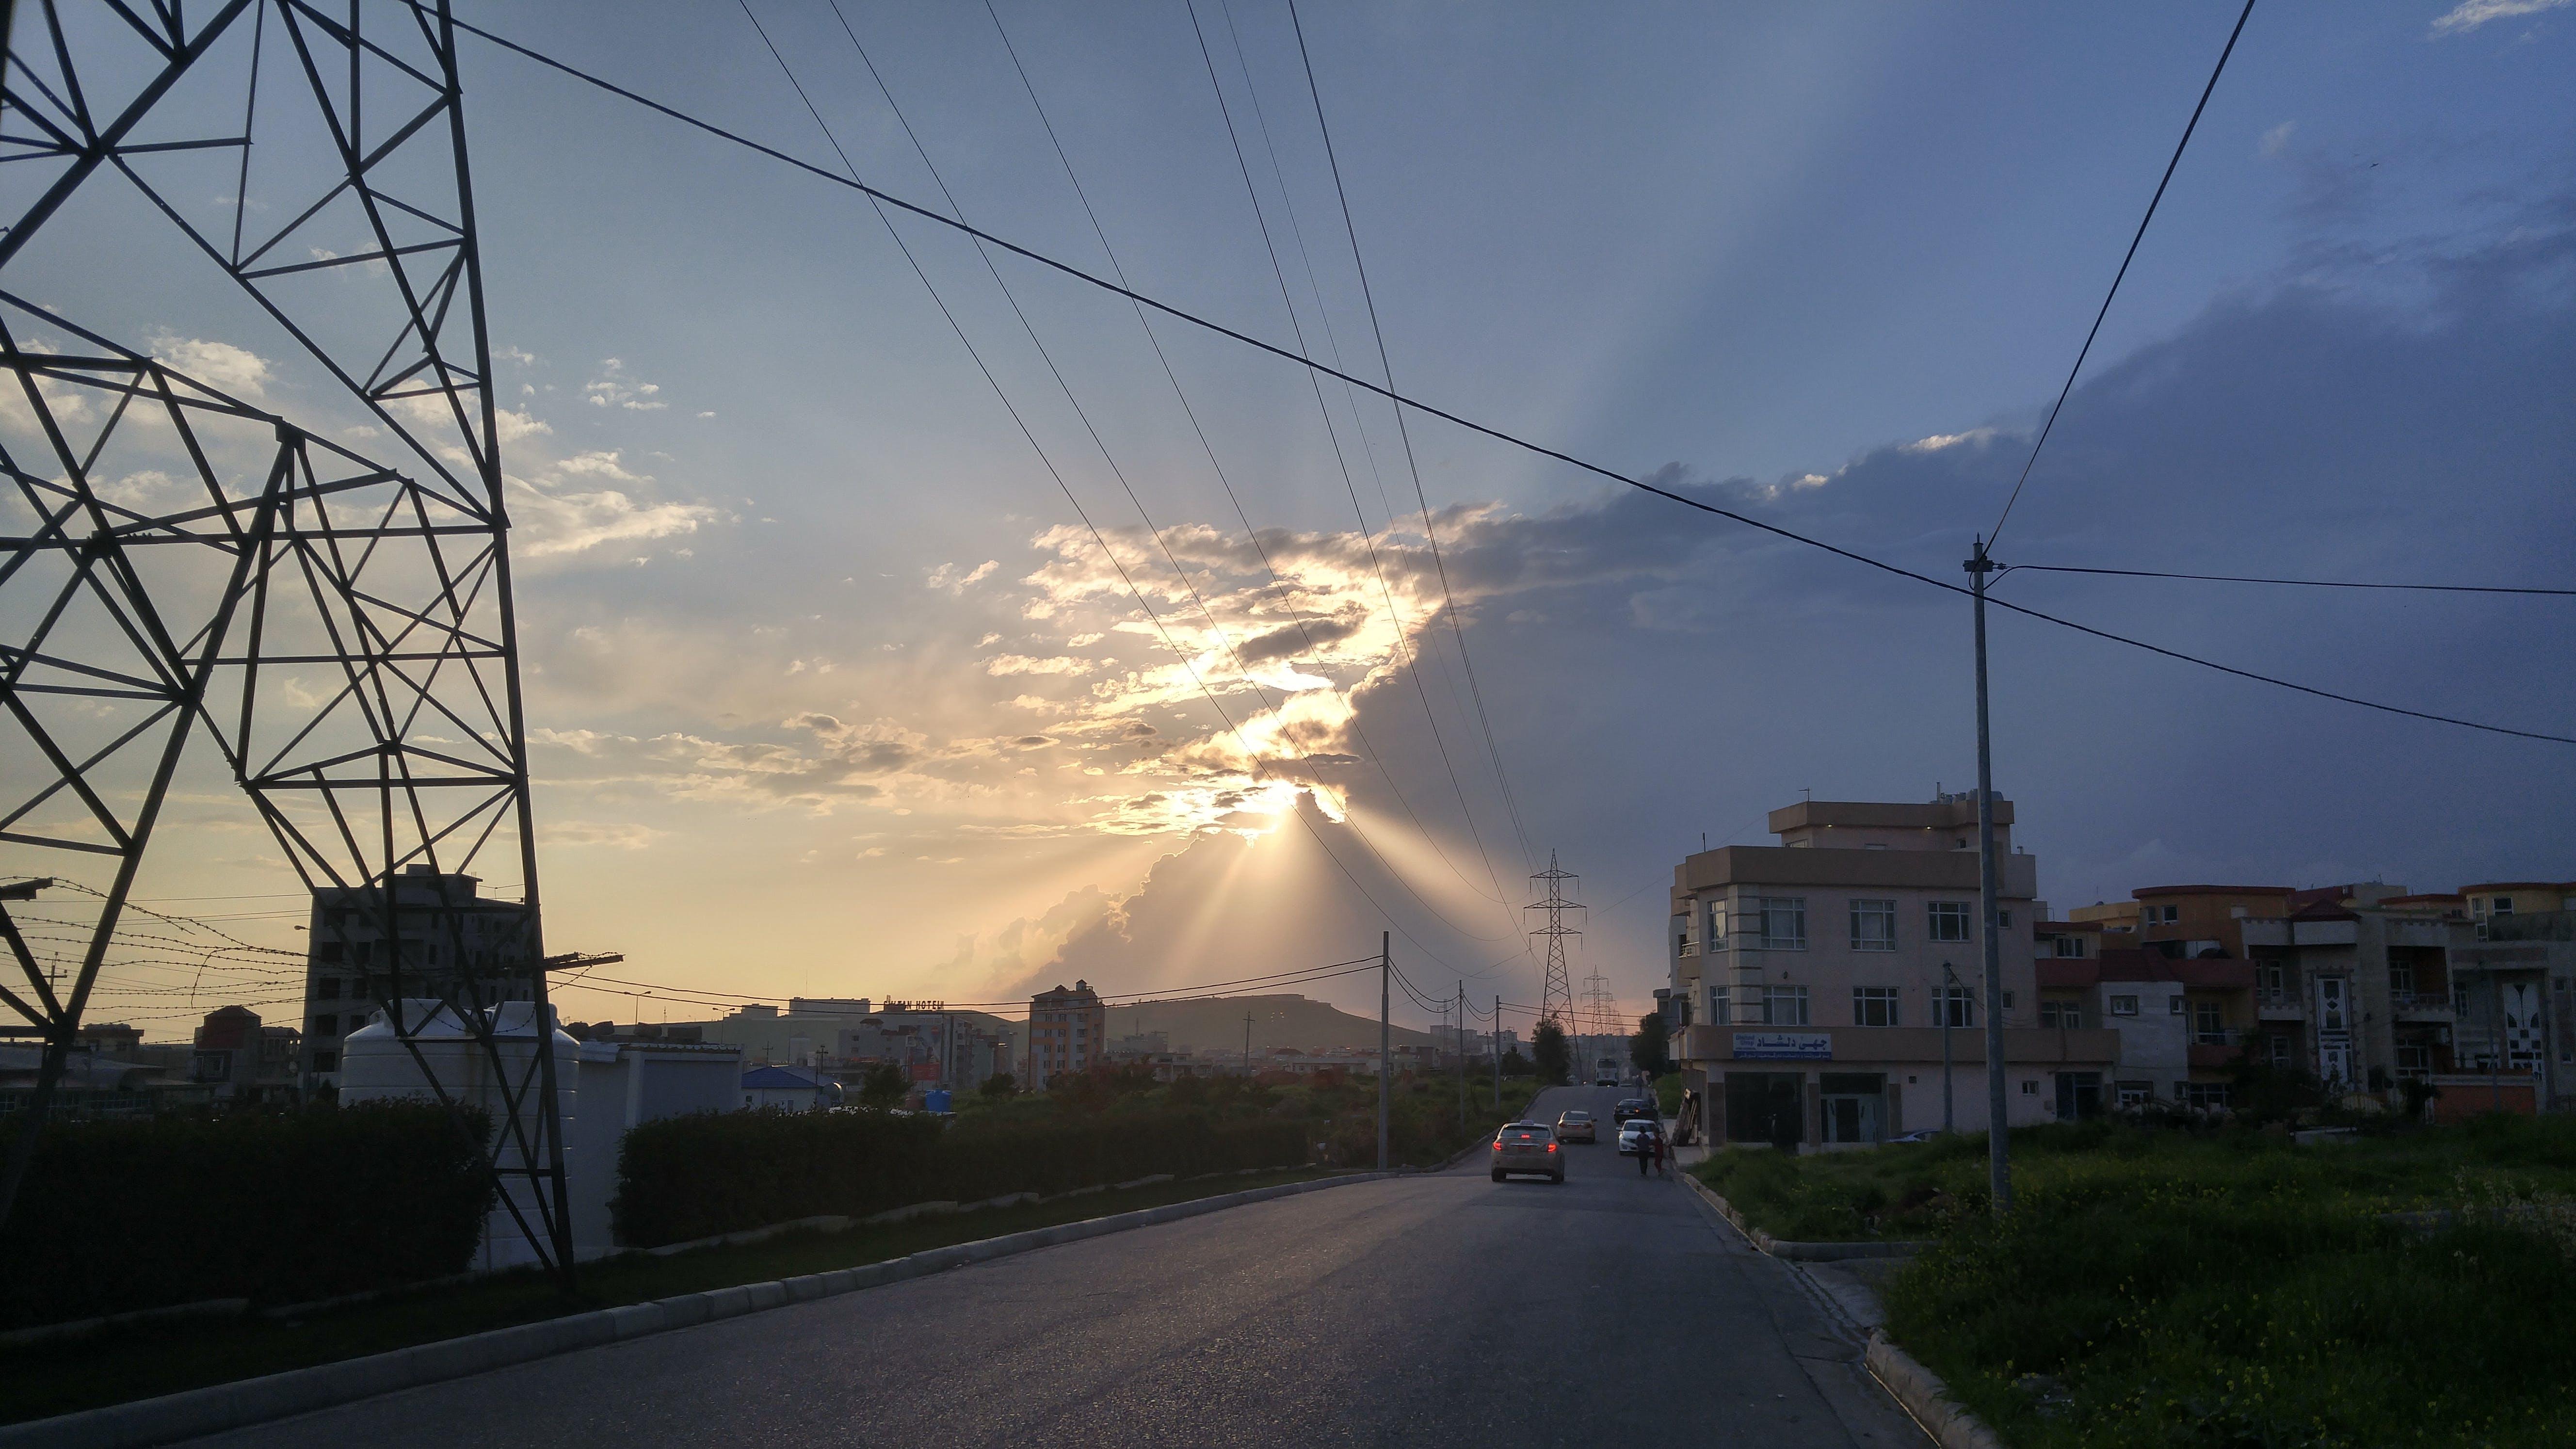 Free stock photo of Duhok, sunset